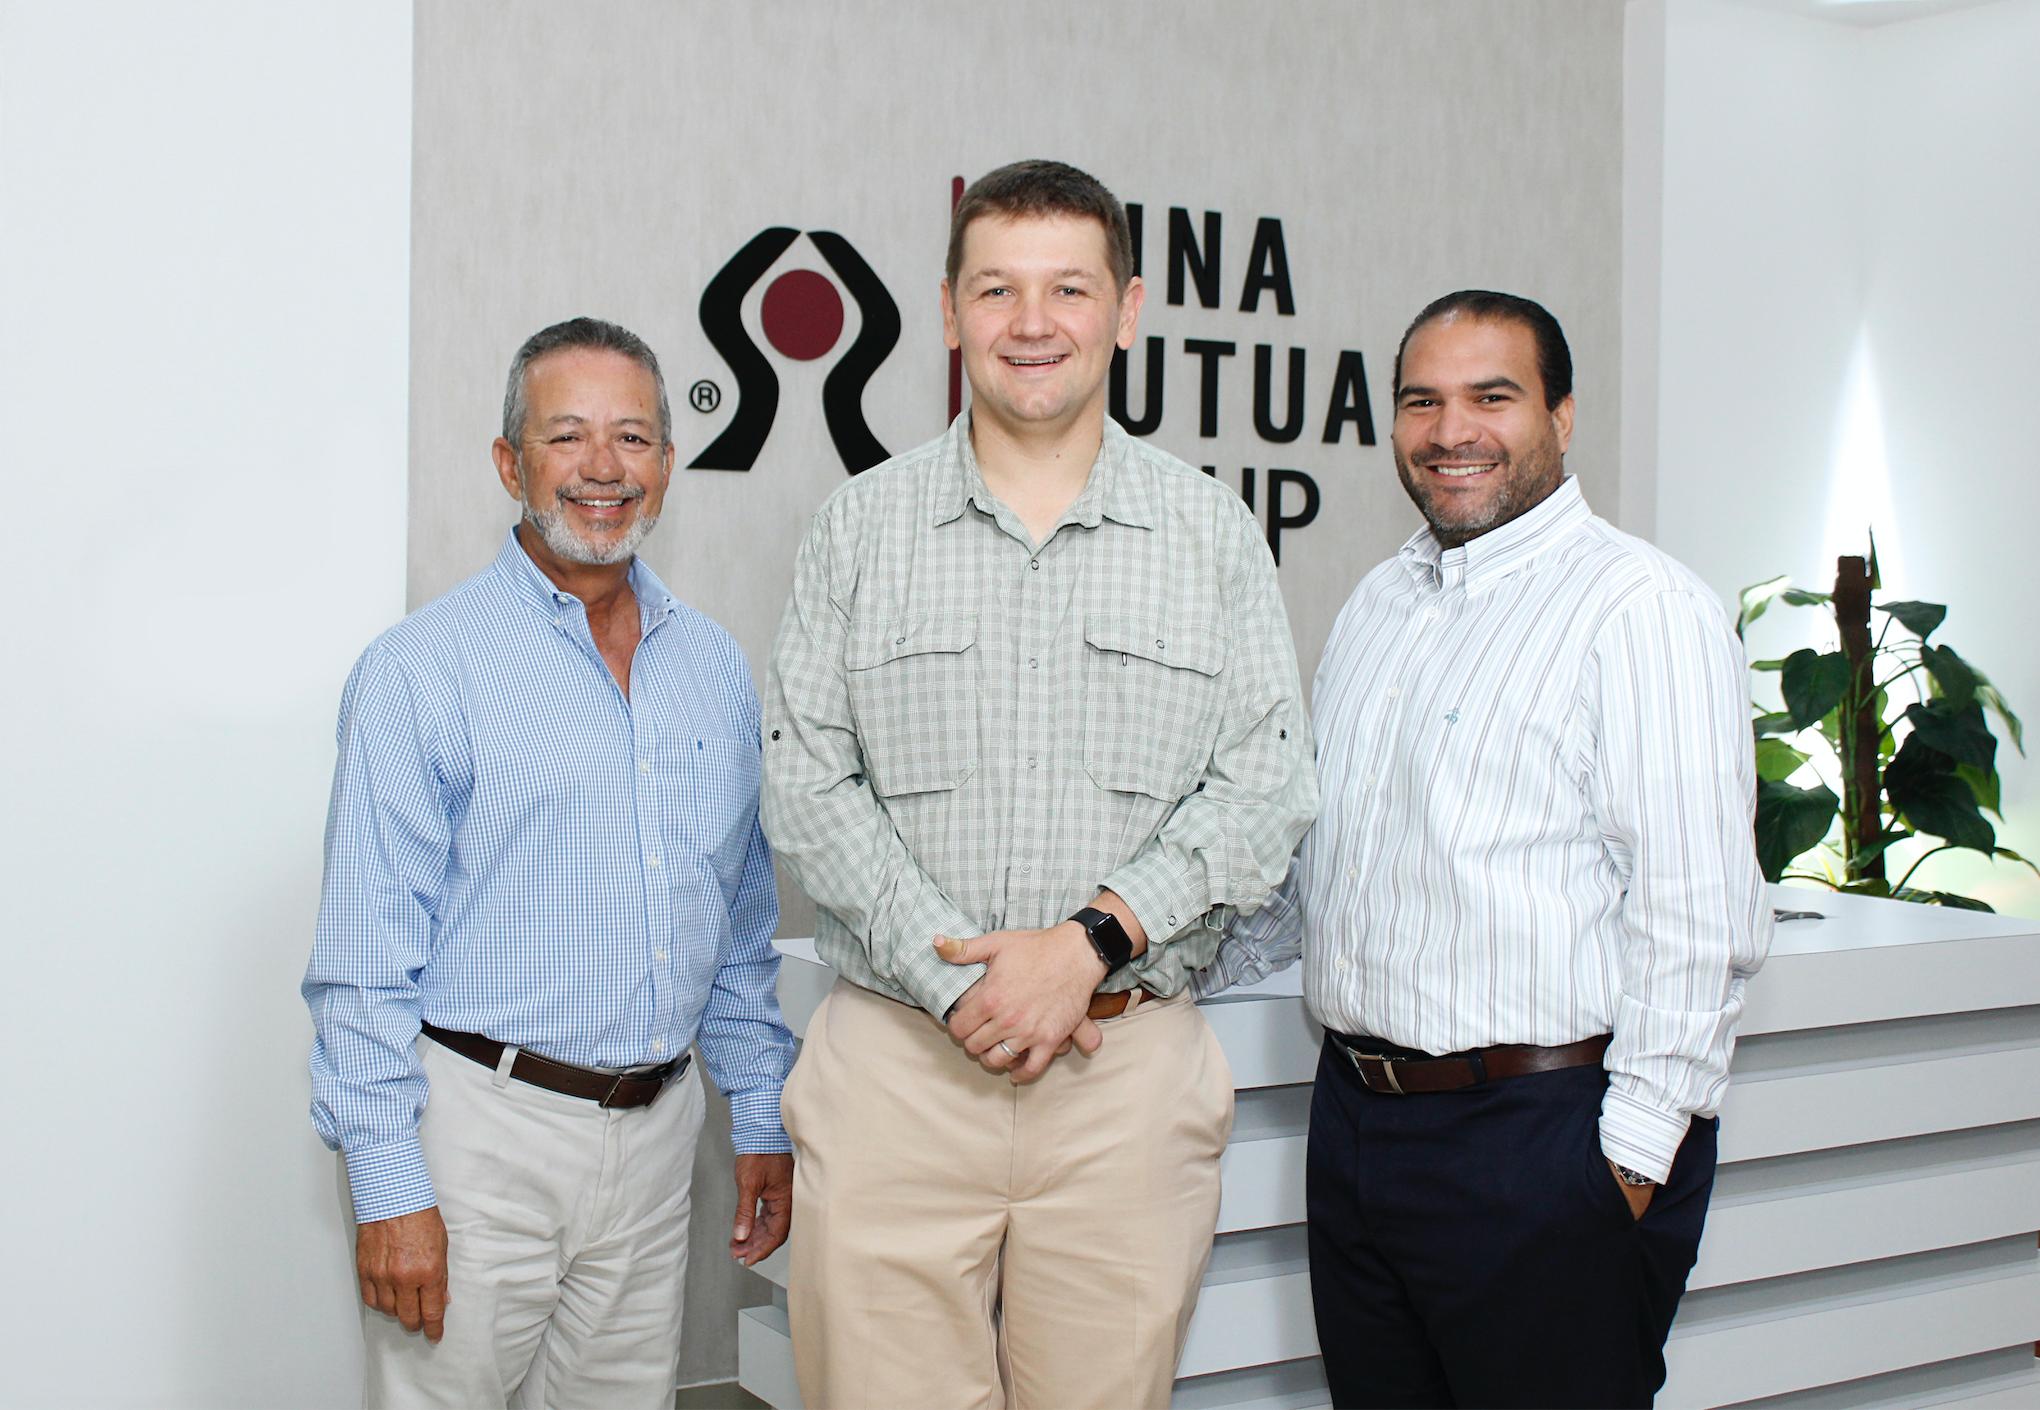 CUNA Mutual Group implanta avanzado sistema para administrar las pólizas